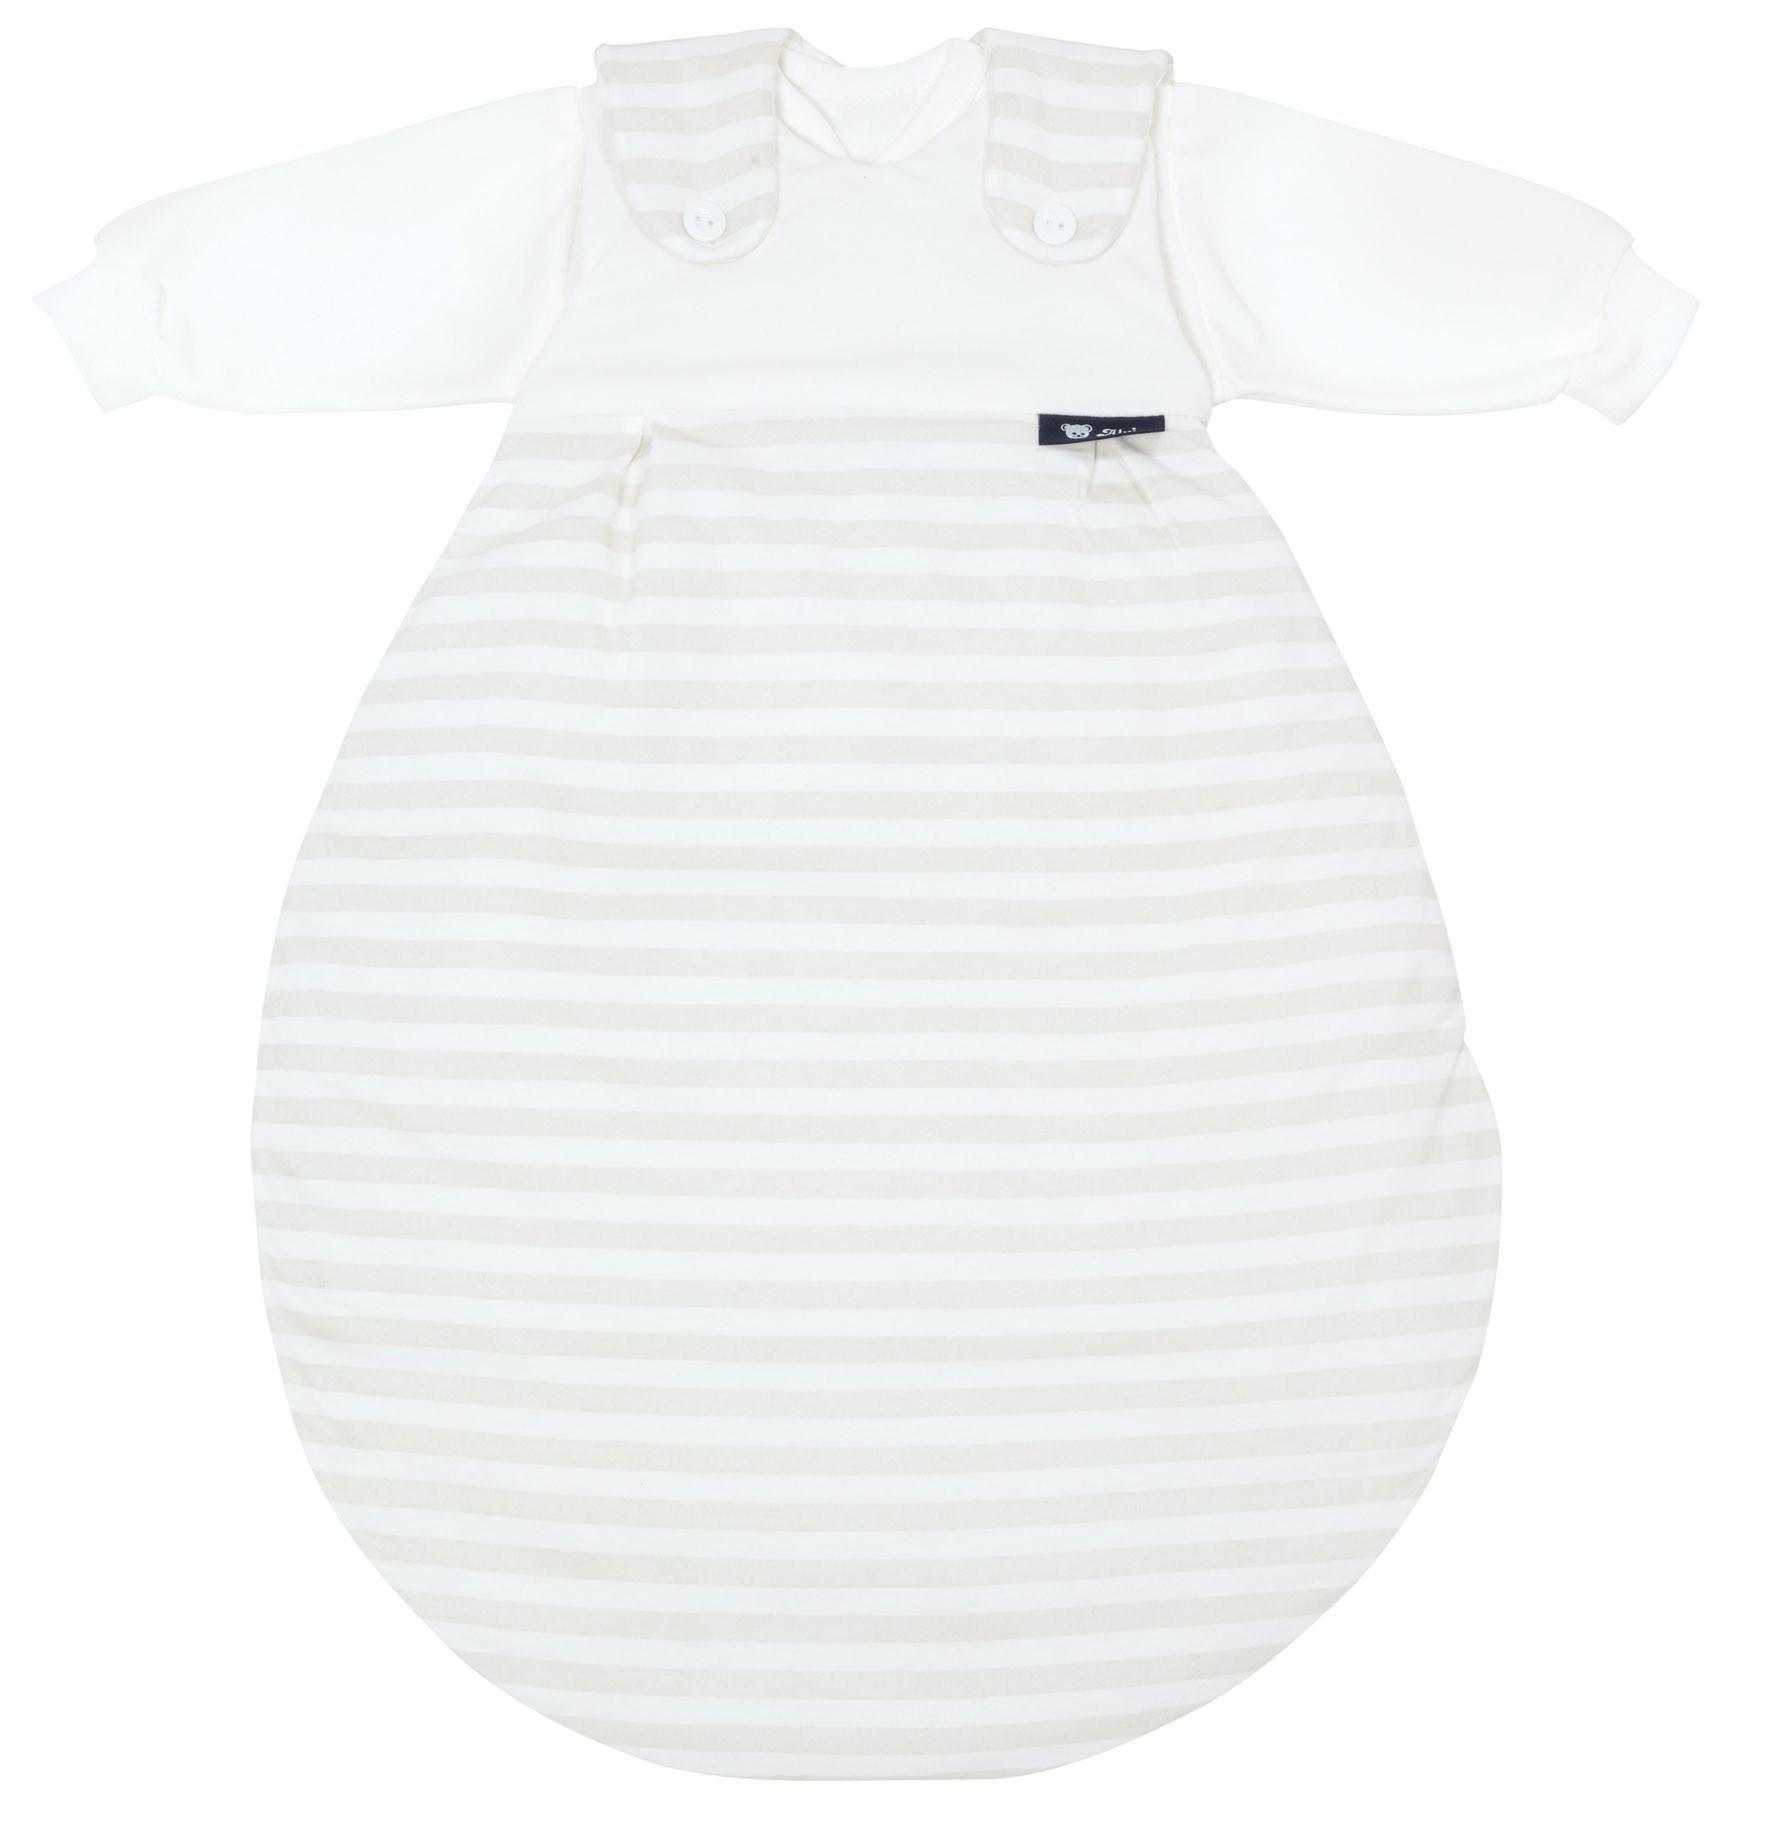 Alvi Baby Mäxchen Schlafsack 56/62 117-6